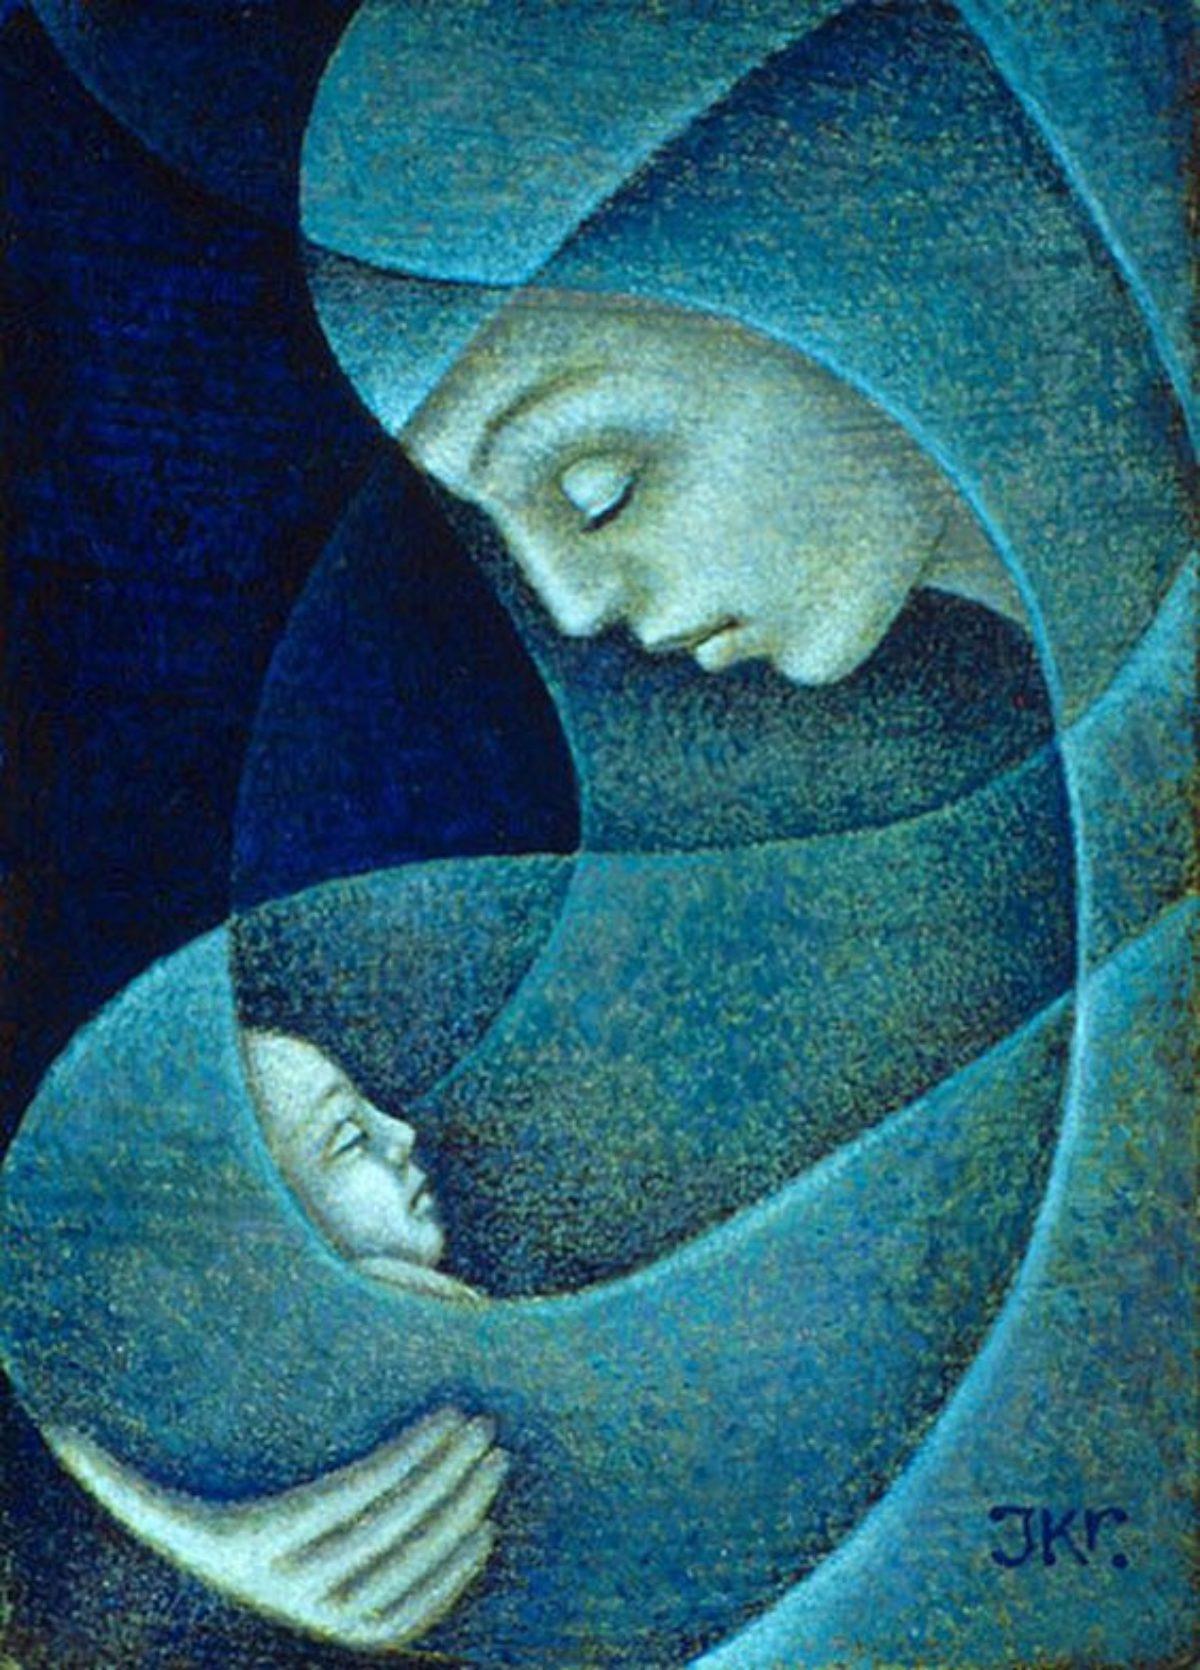 Τι σημασία έχει αν είσαι μάνα της κοιλιάς ή μάνα της καρδιάς. Η μάνα είναι πάντα μάνα!